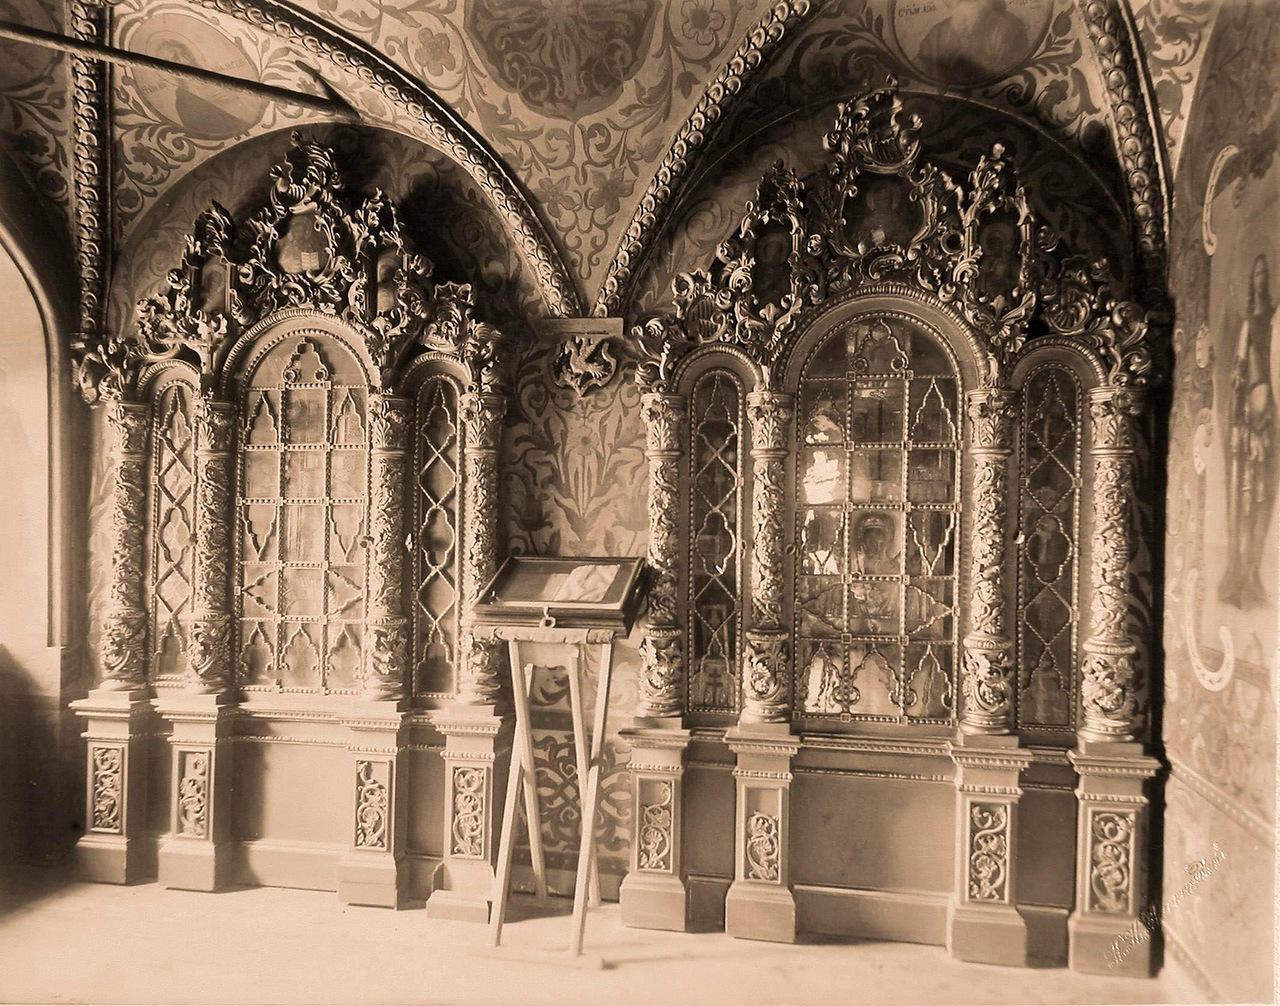 0_a84d7_e4273815_XXXLВид резных позолоченных киотов в царской молельне Теремного дворца